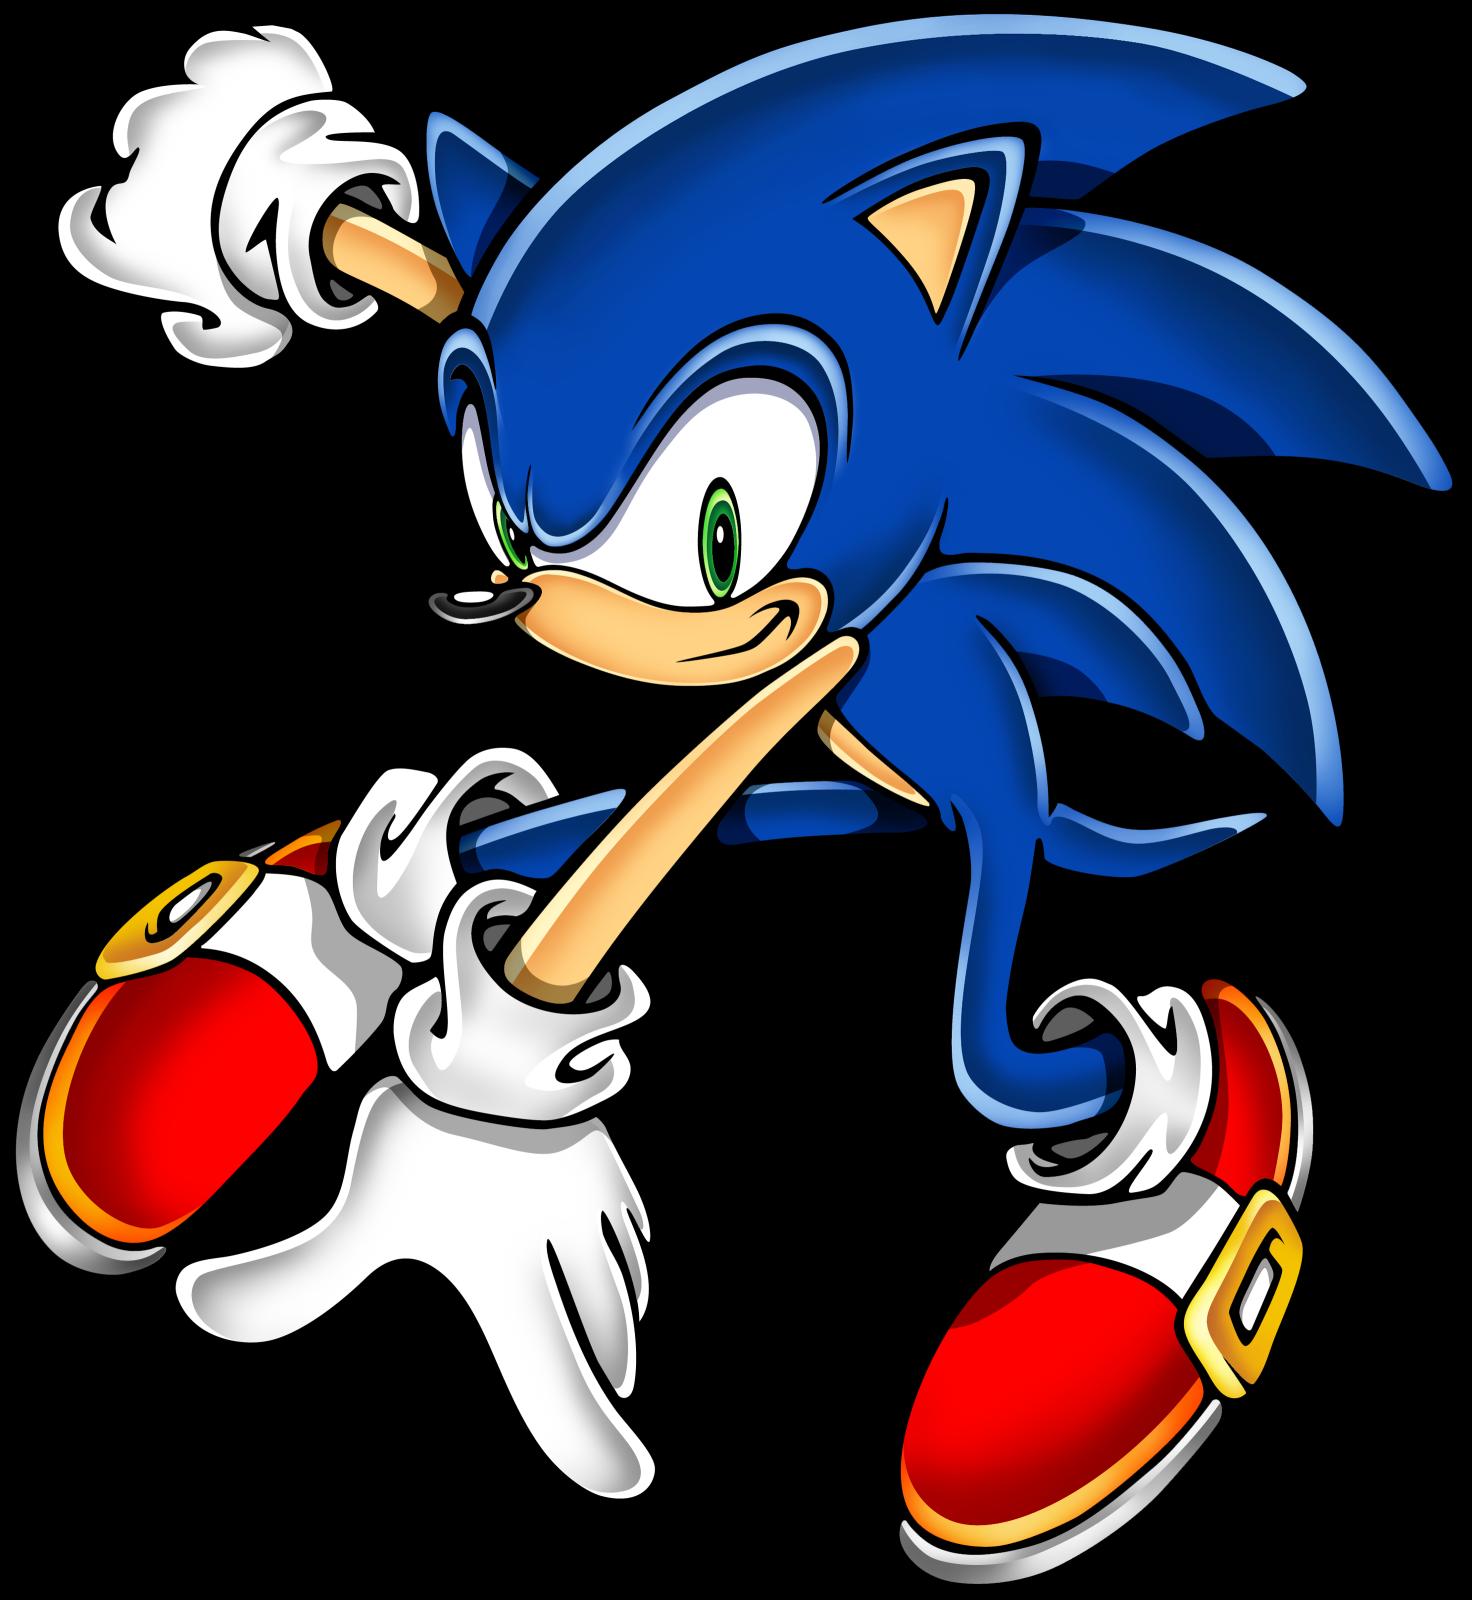 Fox clipart hedgehog. Sonic art assets dvd